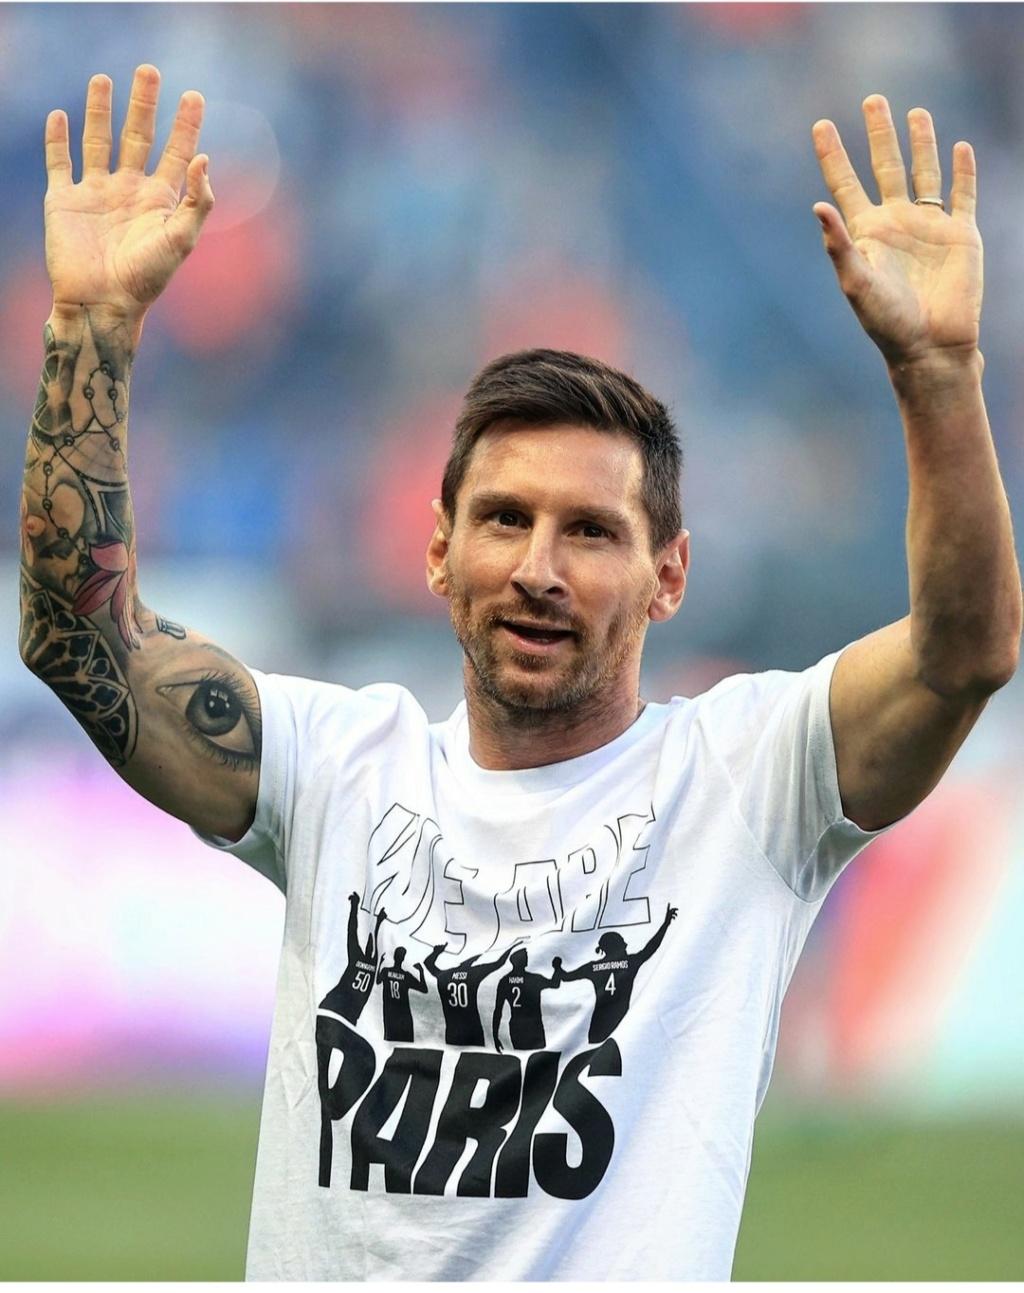 Futbolistas no tatuados Img_3269